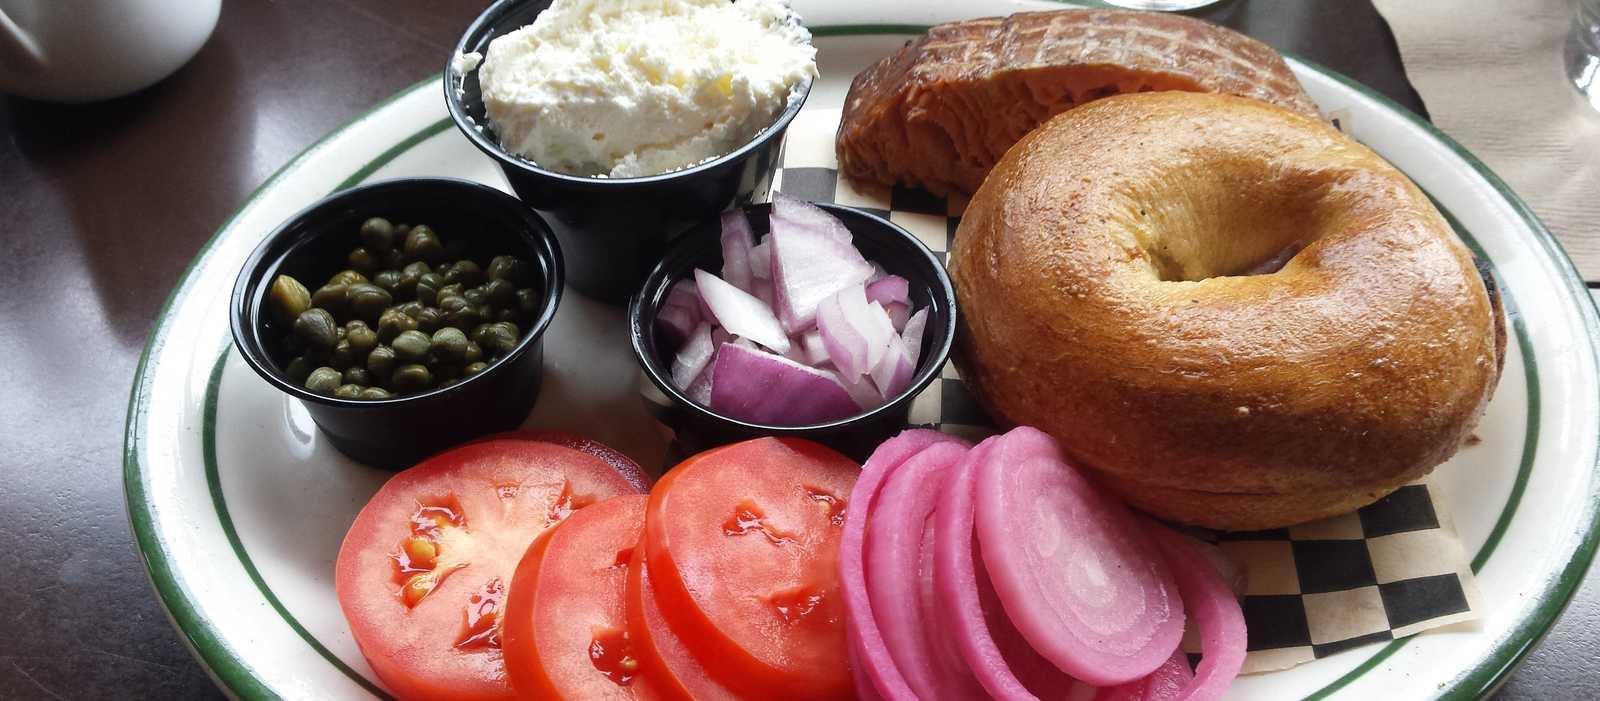 Frühstück in der Doug Fir Lounge, Portland, Oregon